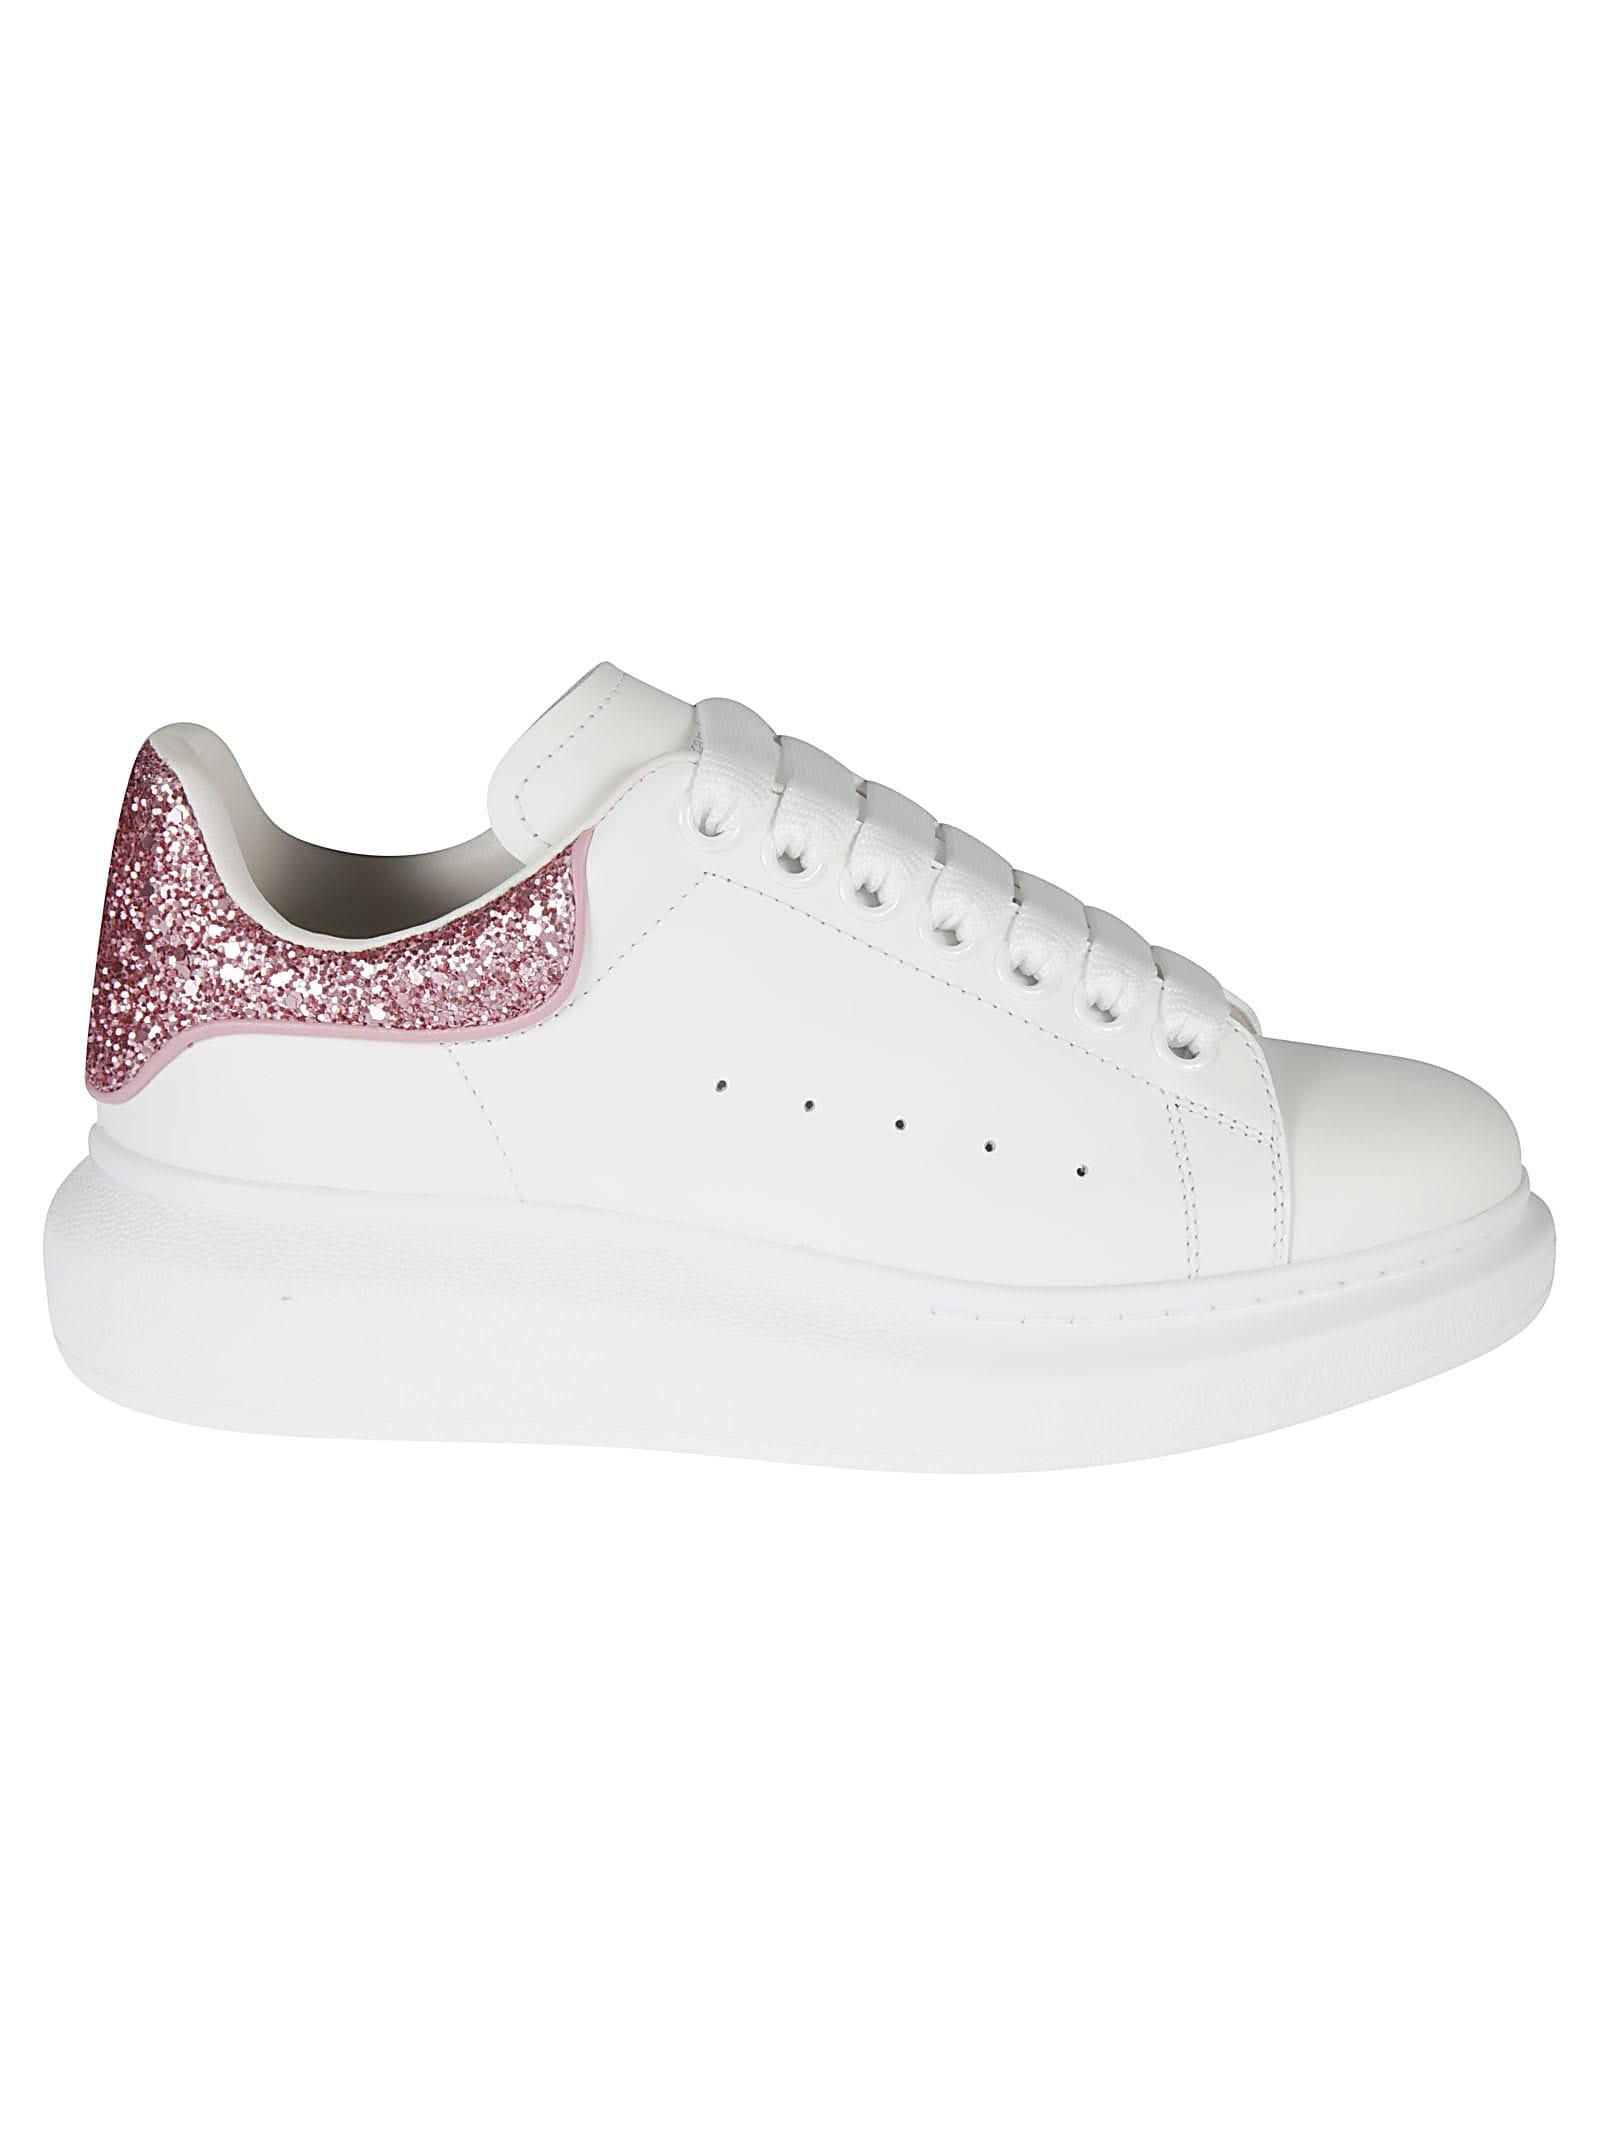 Alexander McQueen Glitter Effect Sneakers